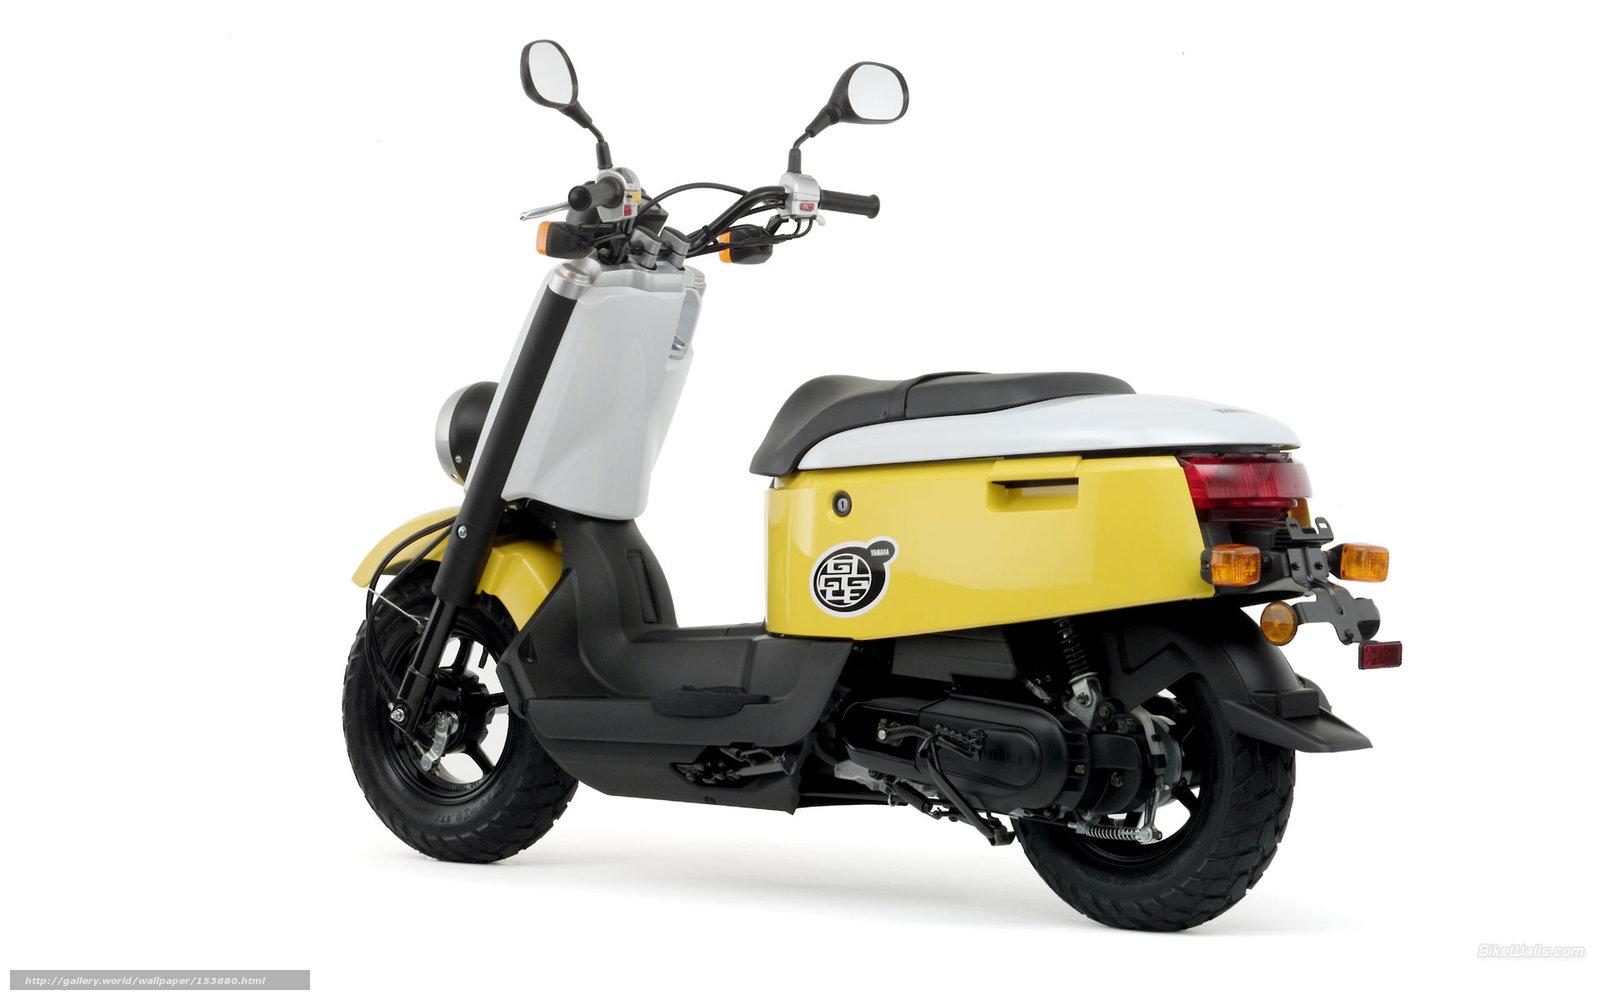 Скачать обои Yamaha,  Scooter,  Giggle,  Giggle 2008 бесплатно для рабочего стола в разрешении 1920x1200 — картинка №153880